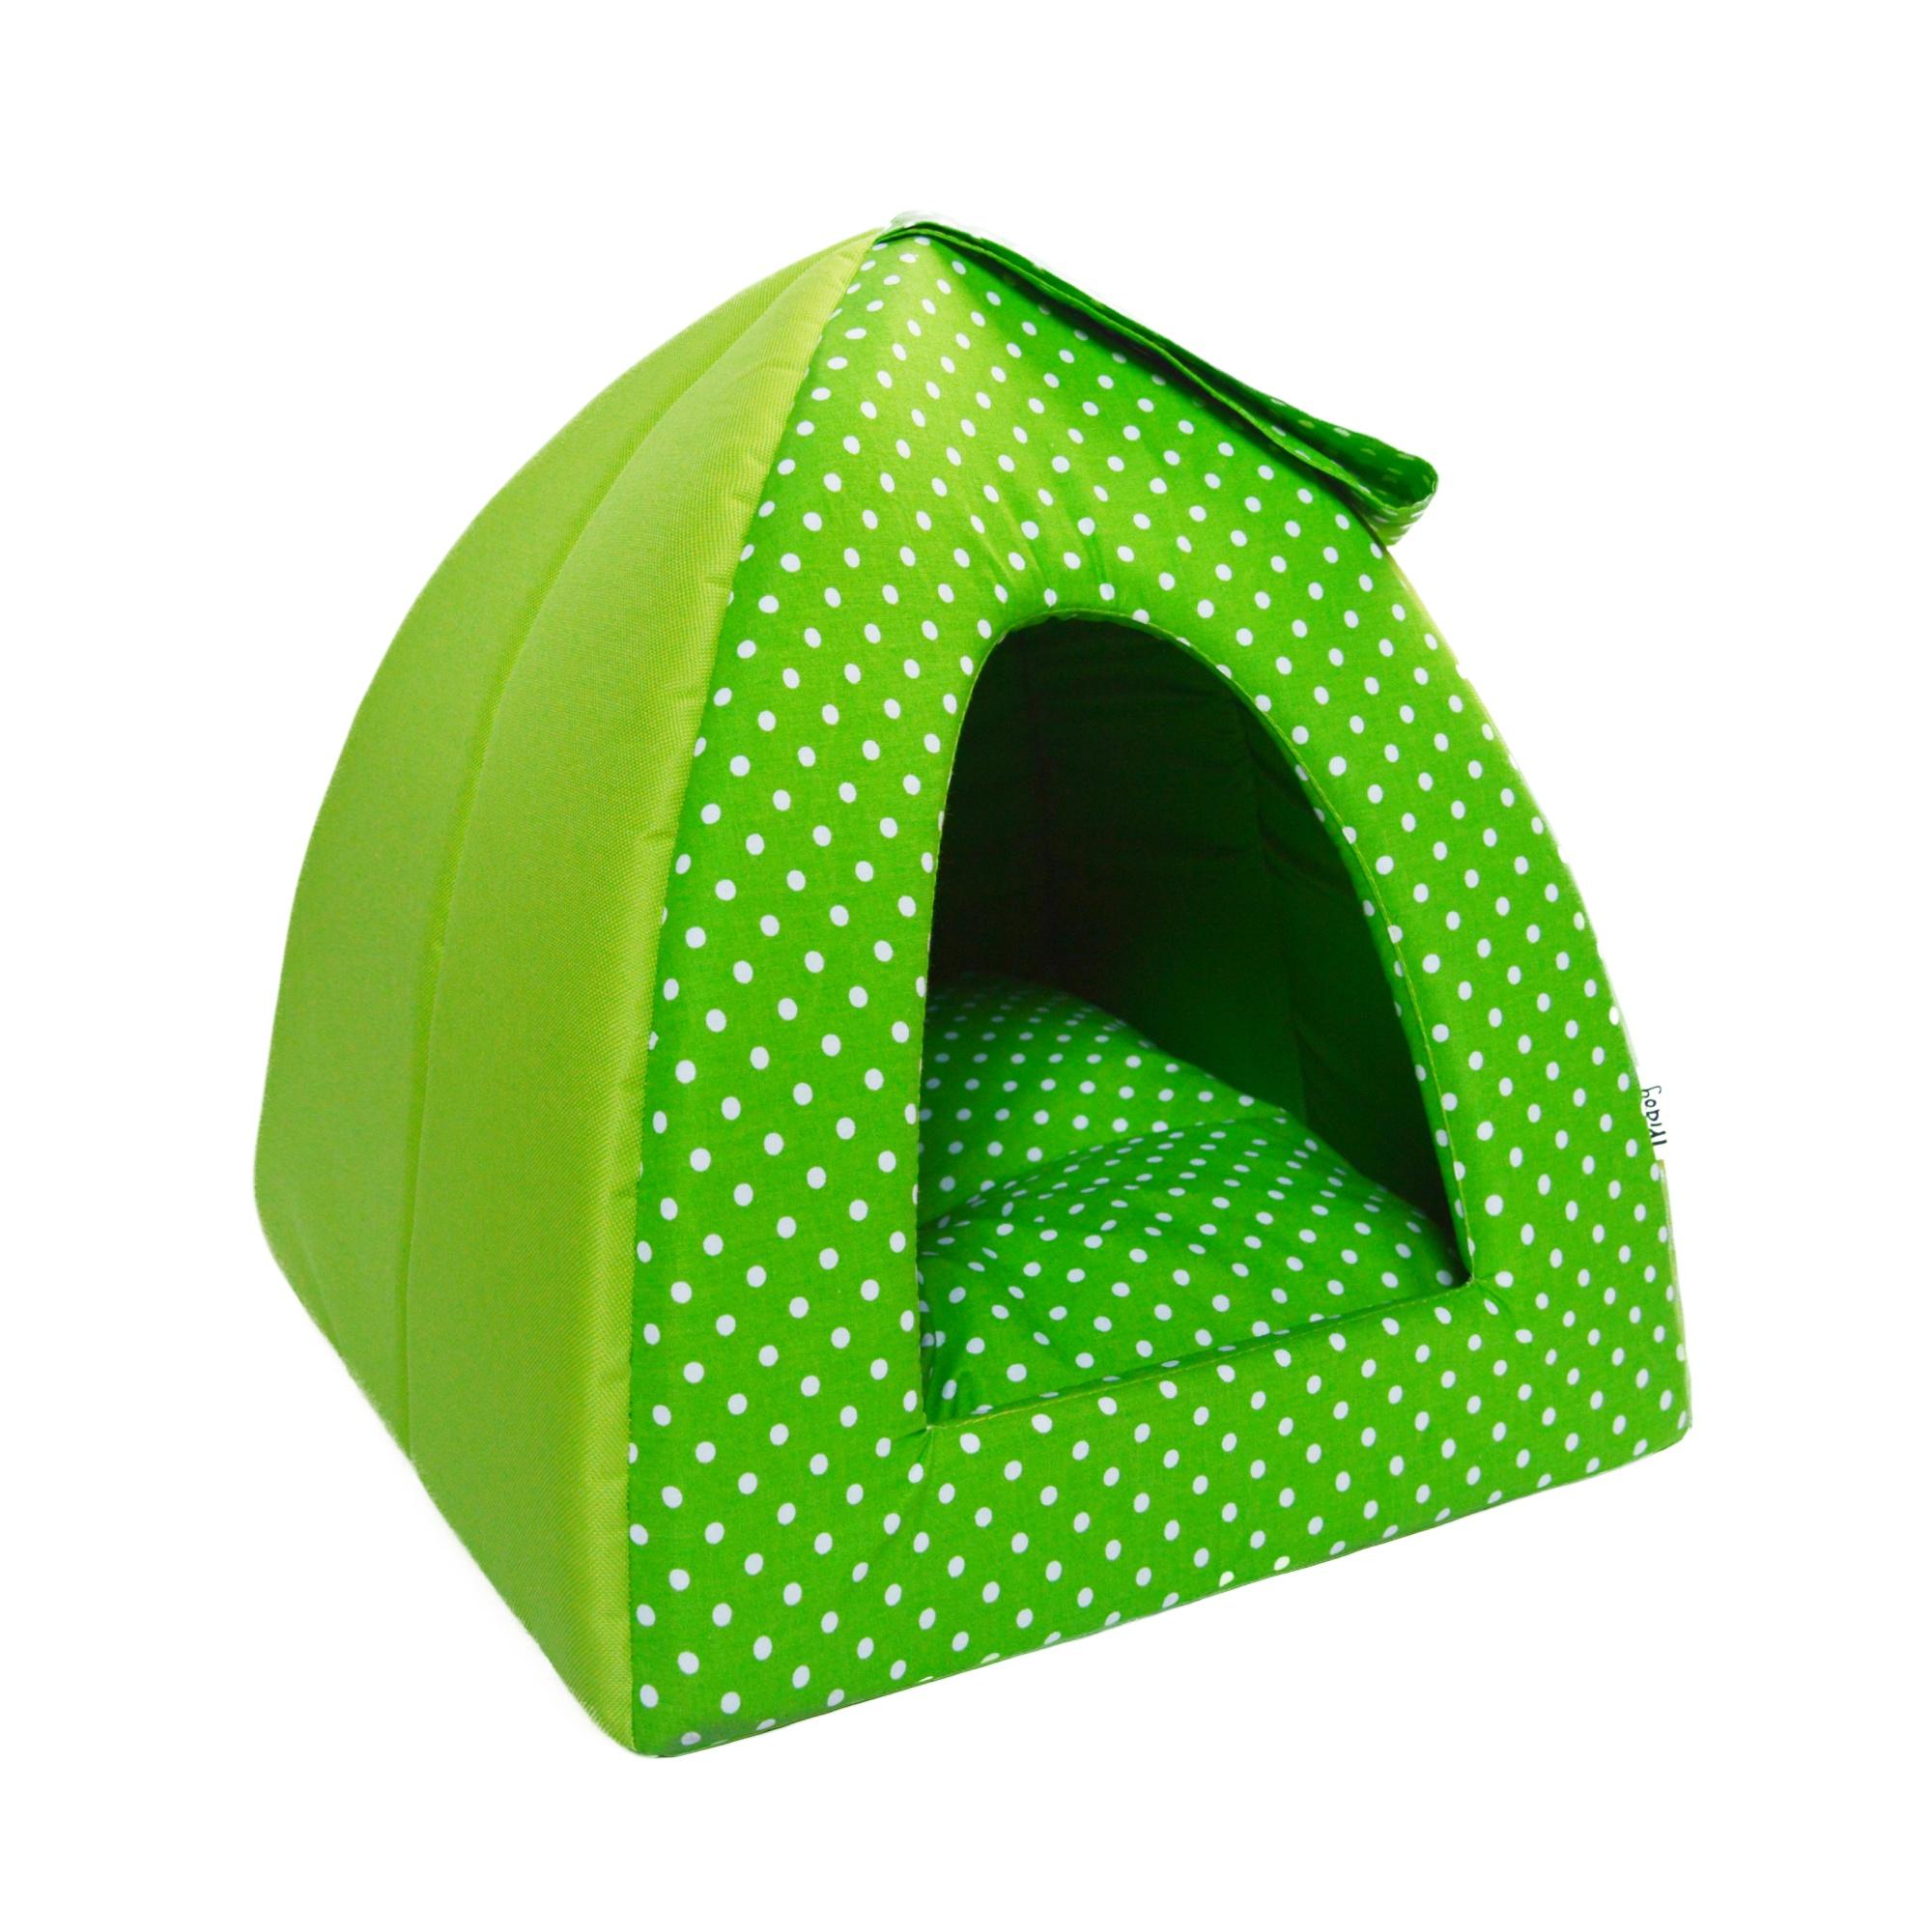 Kukaň iglů, no. 13, zelená s puntíky, vel.1